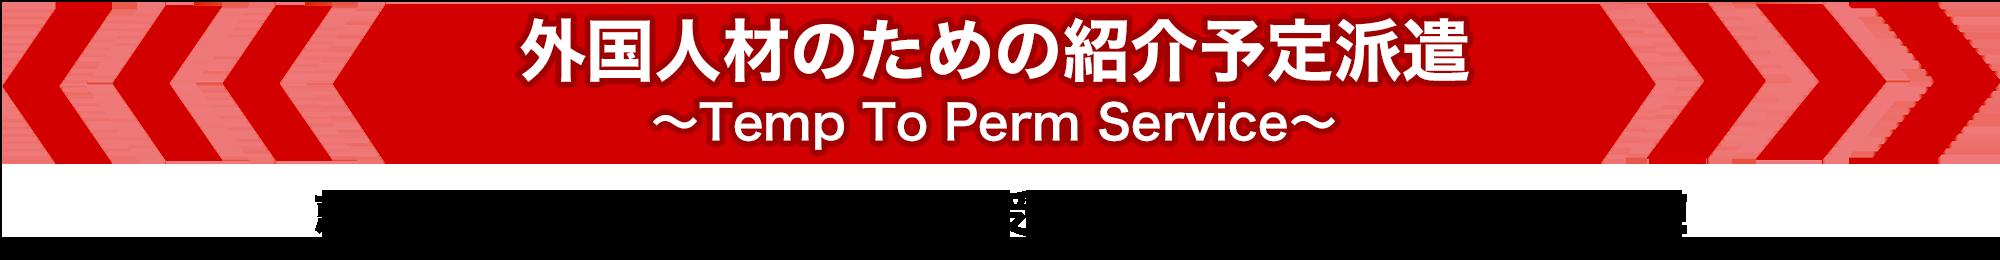 外国人材のための紹介予定派遣 就職エージェントのサポートを受けながら日本で就職を目指す!